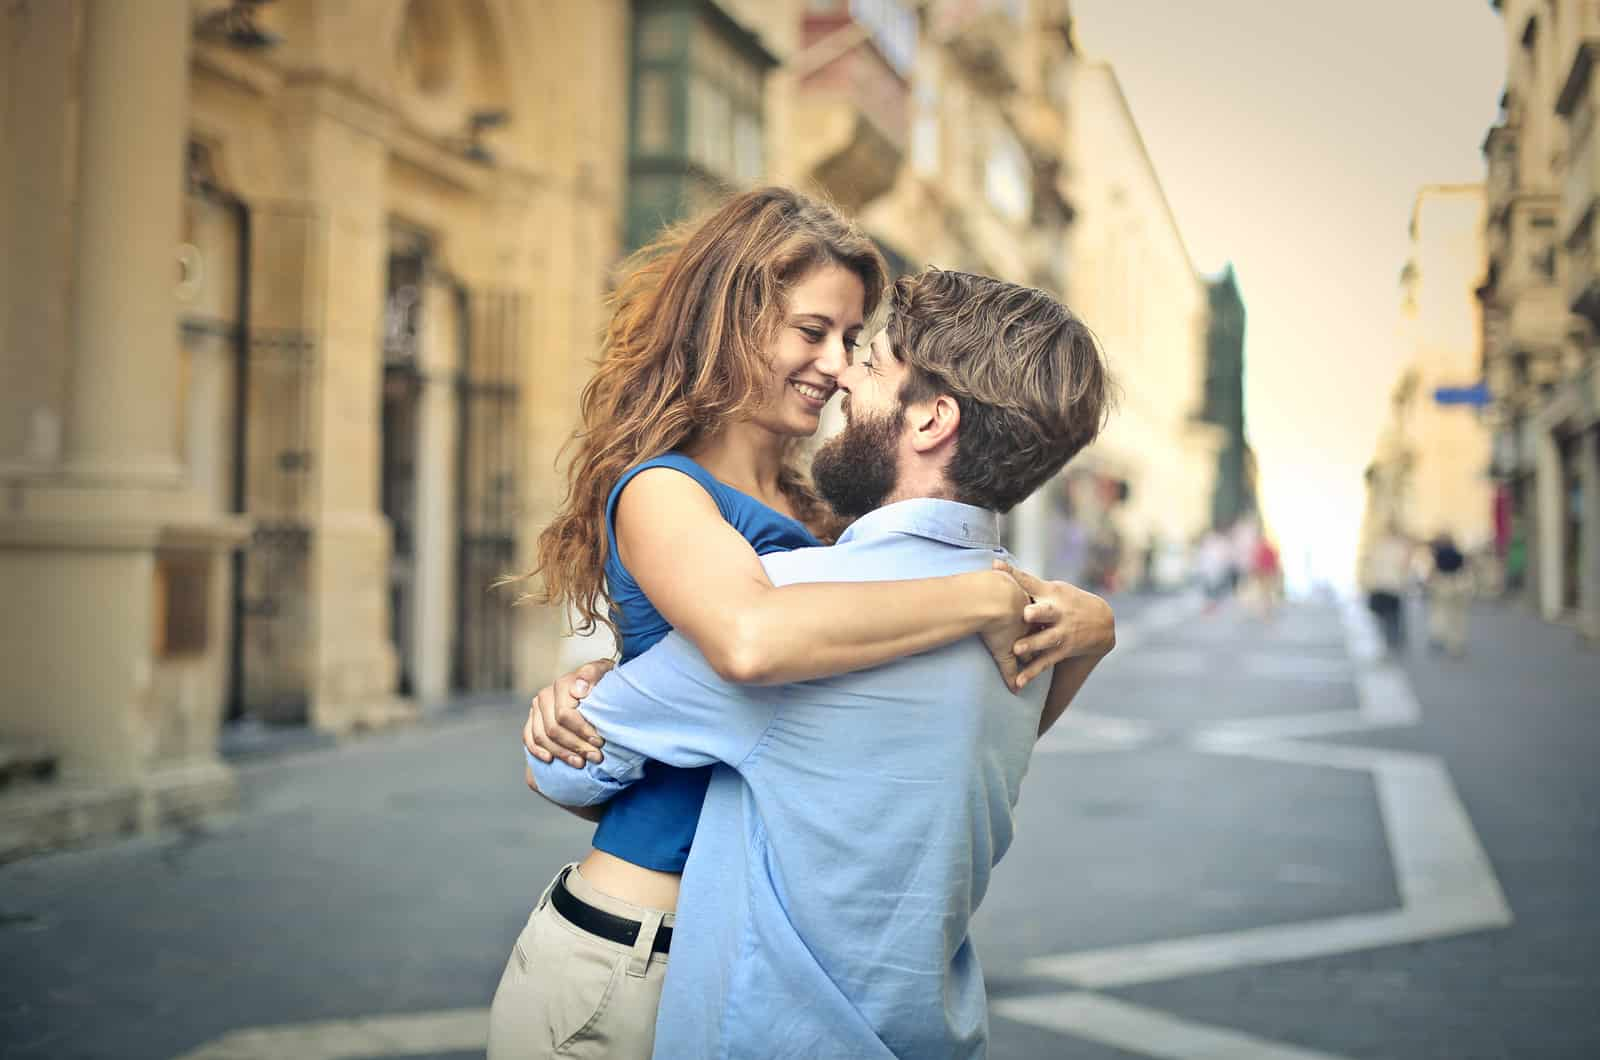 Mann hebt Frau auf der Straße hoch